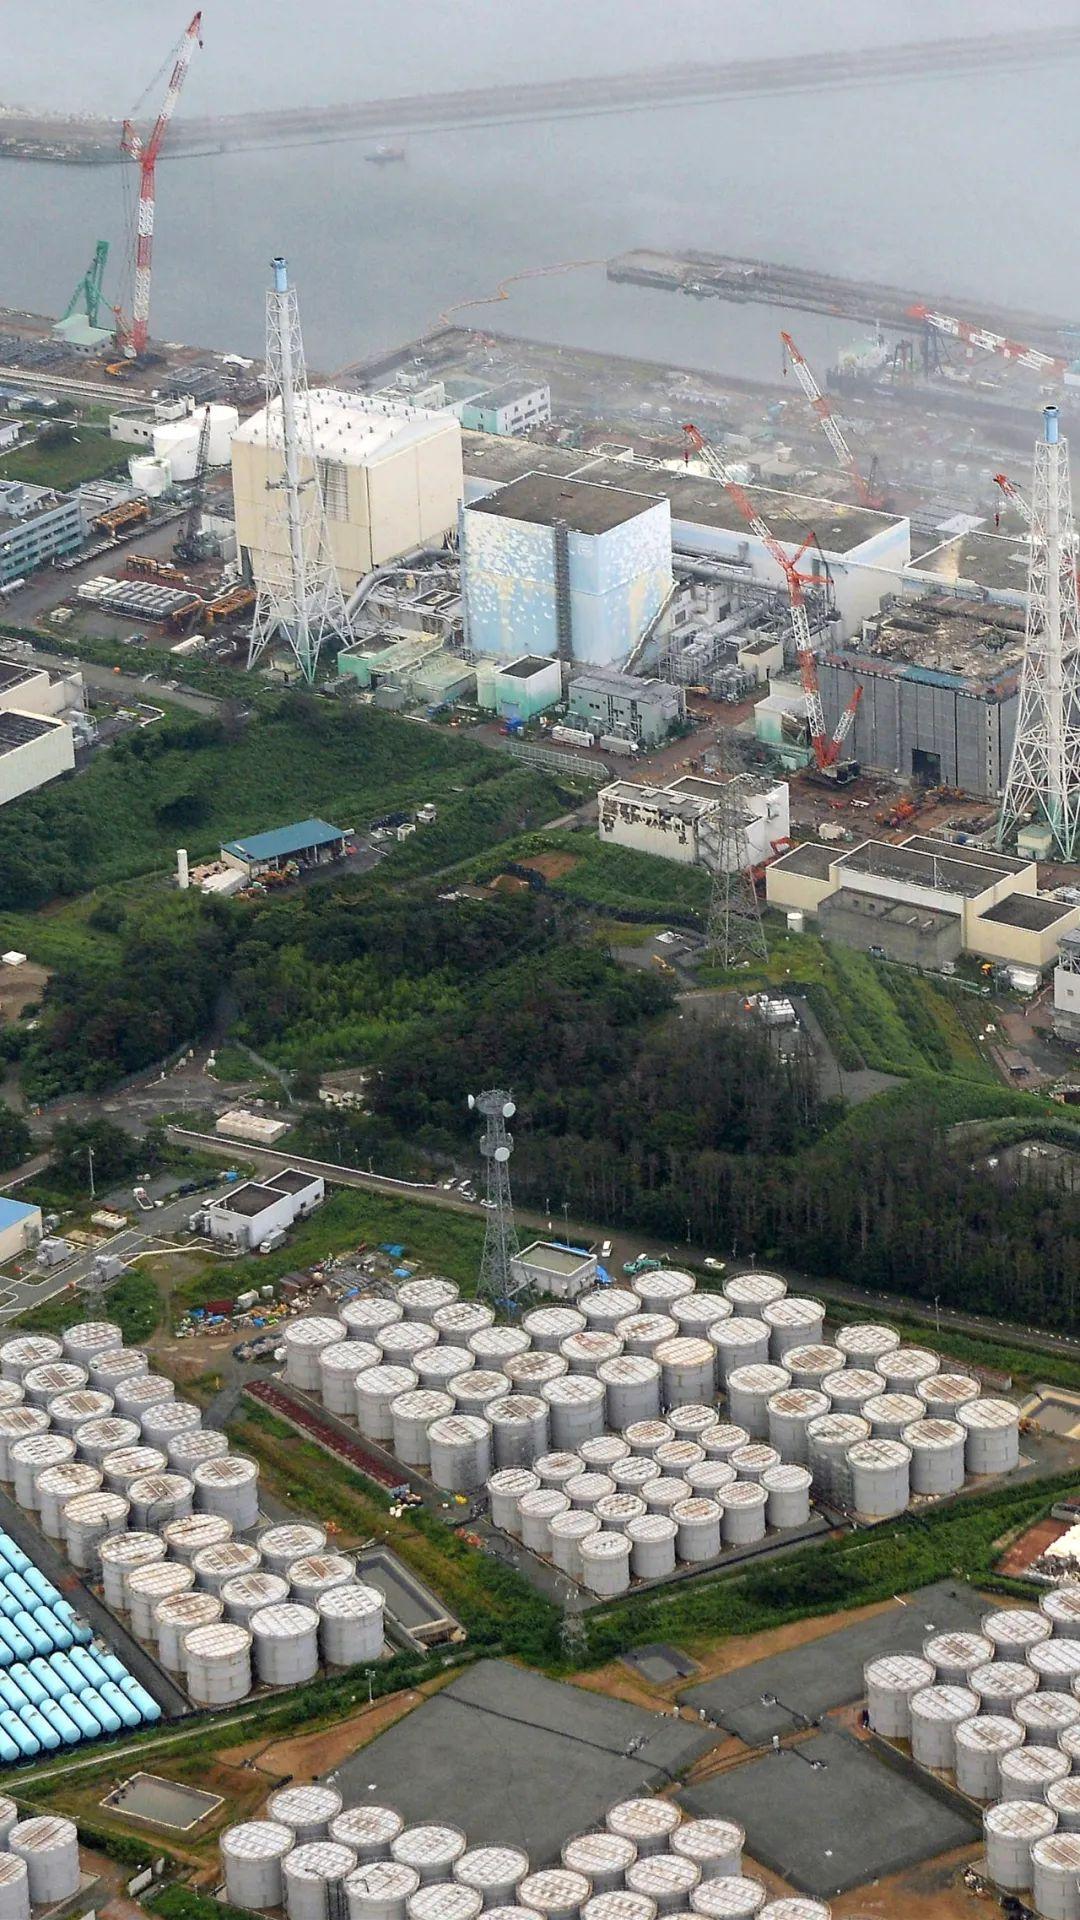 ▲2013年8月20日航拍的日本福岛第一核电站。新华社/美联